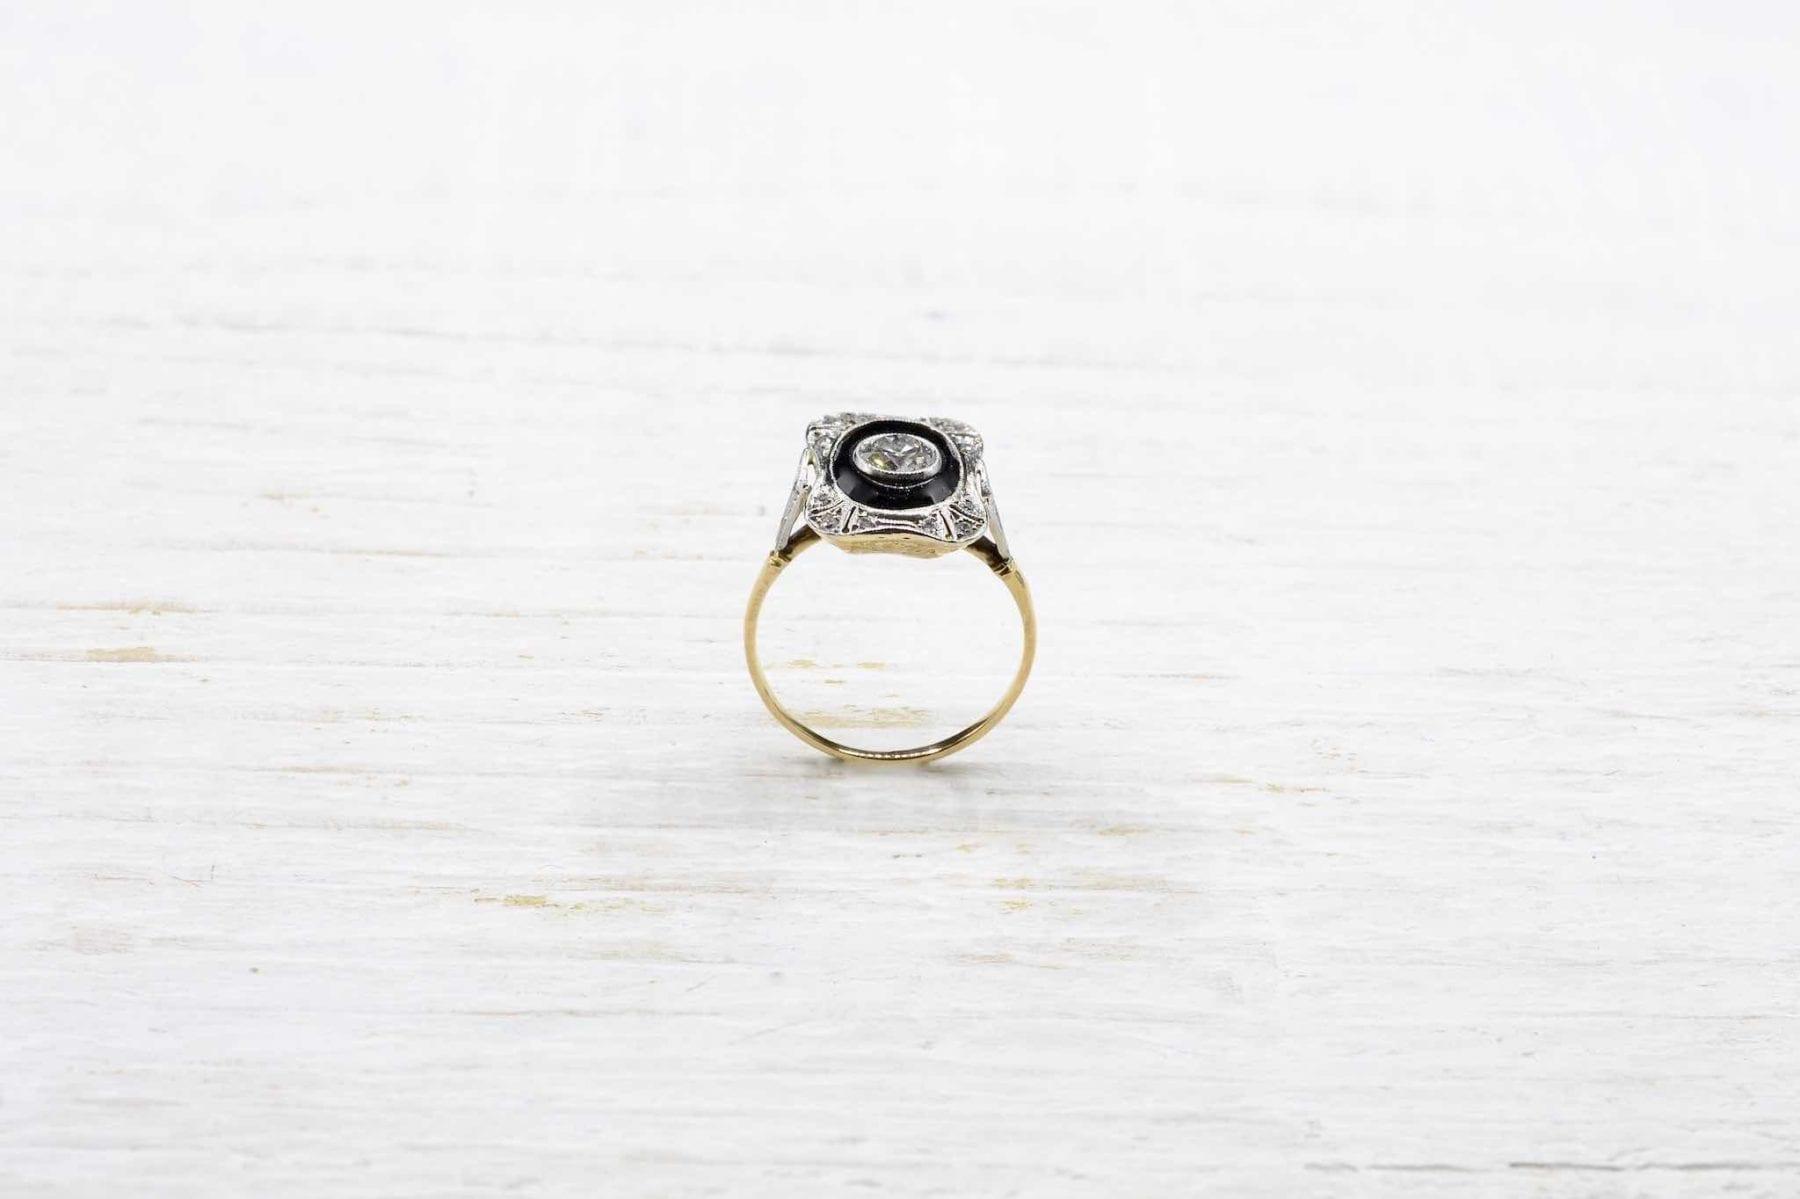 Bague occasion diamants or jaune